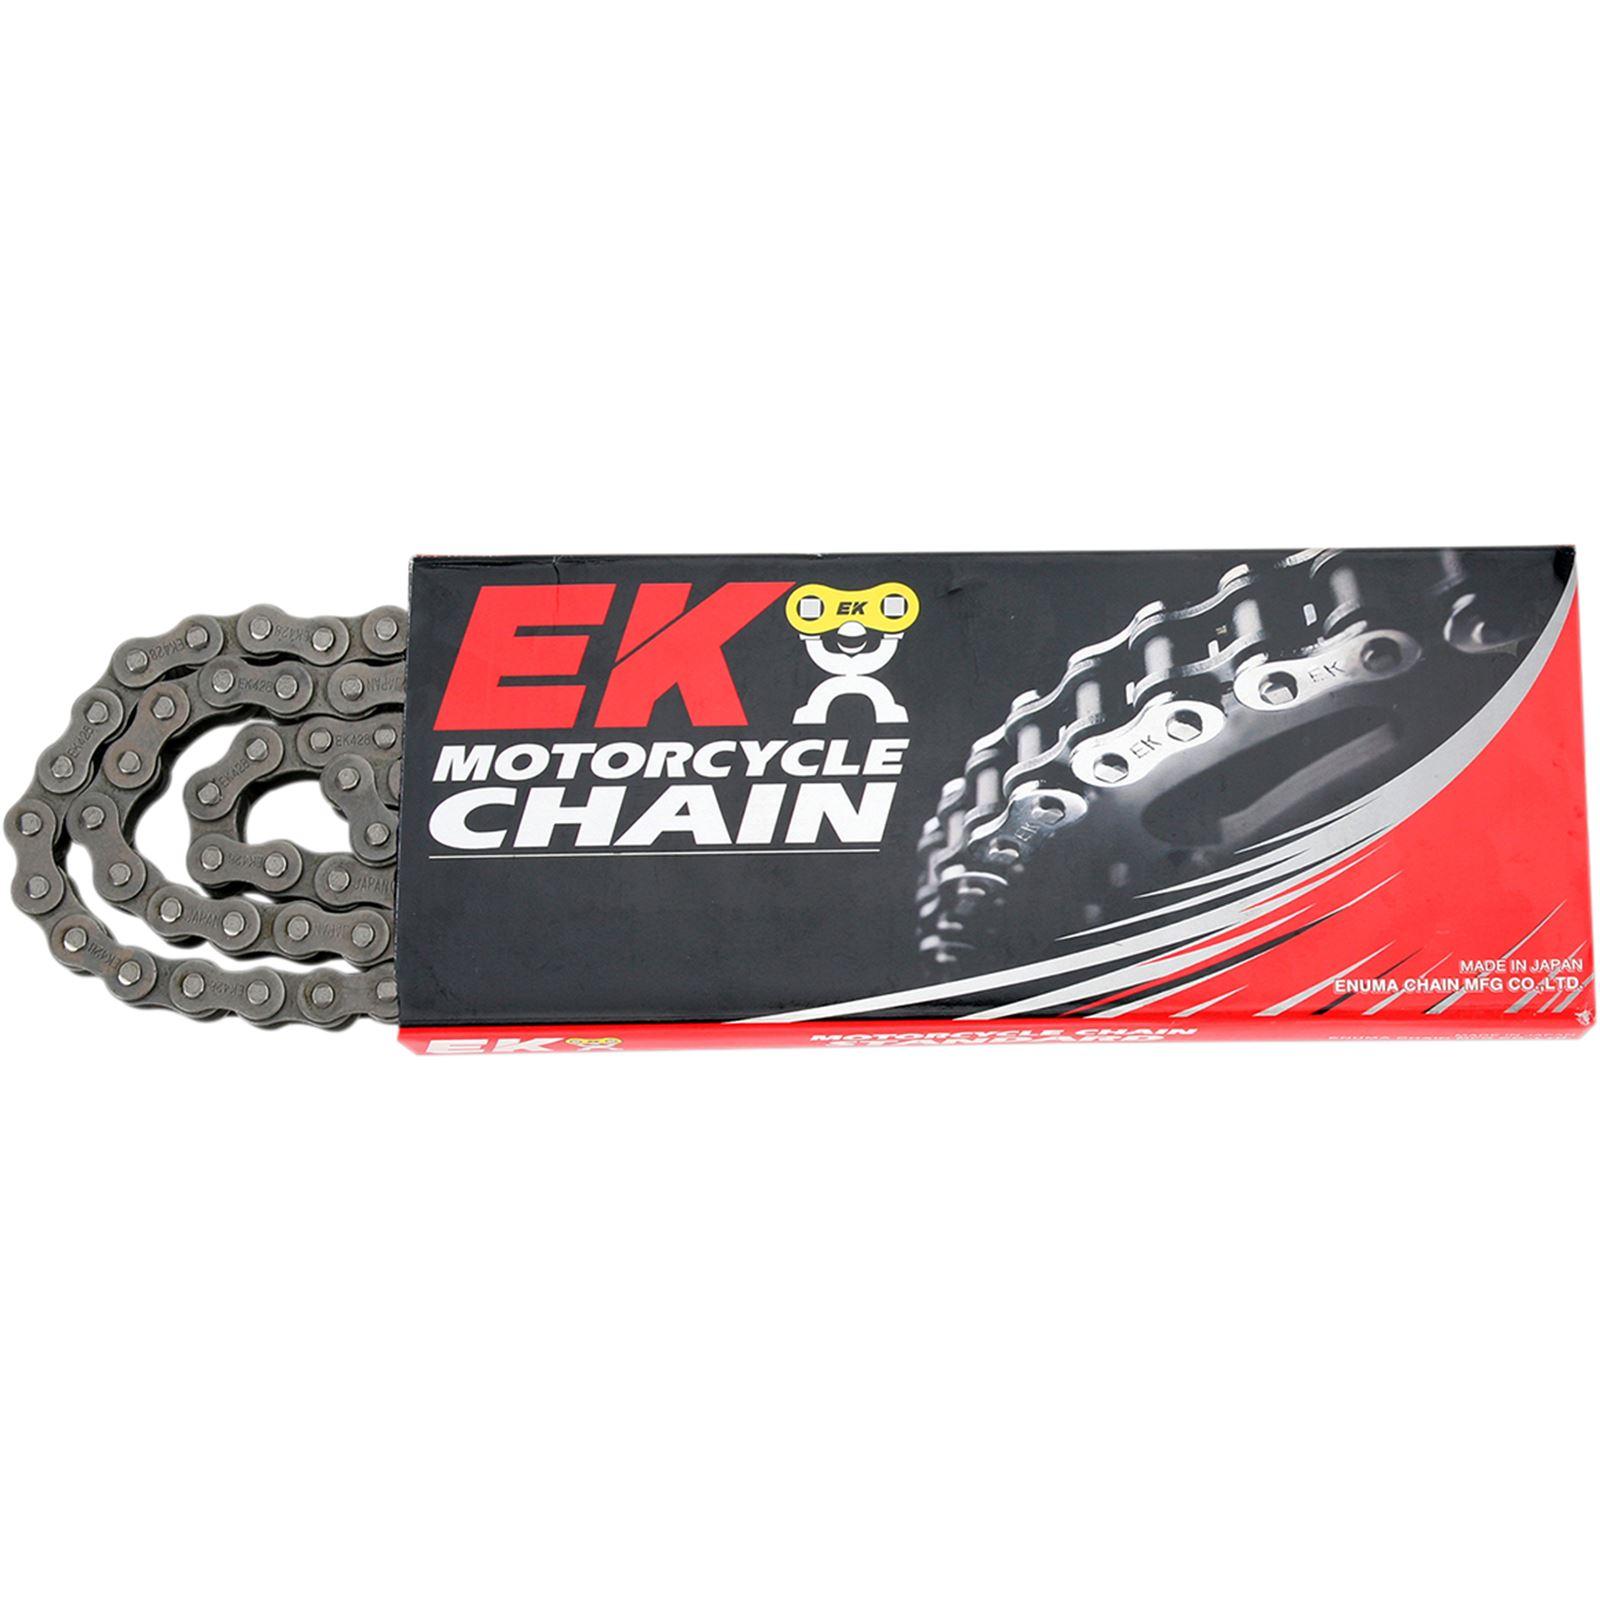 EK 428 - Standard Non-Sealed Chain - 130 Links